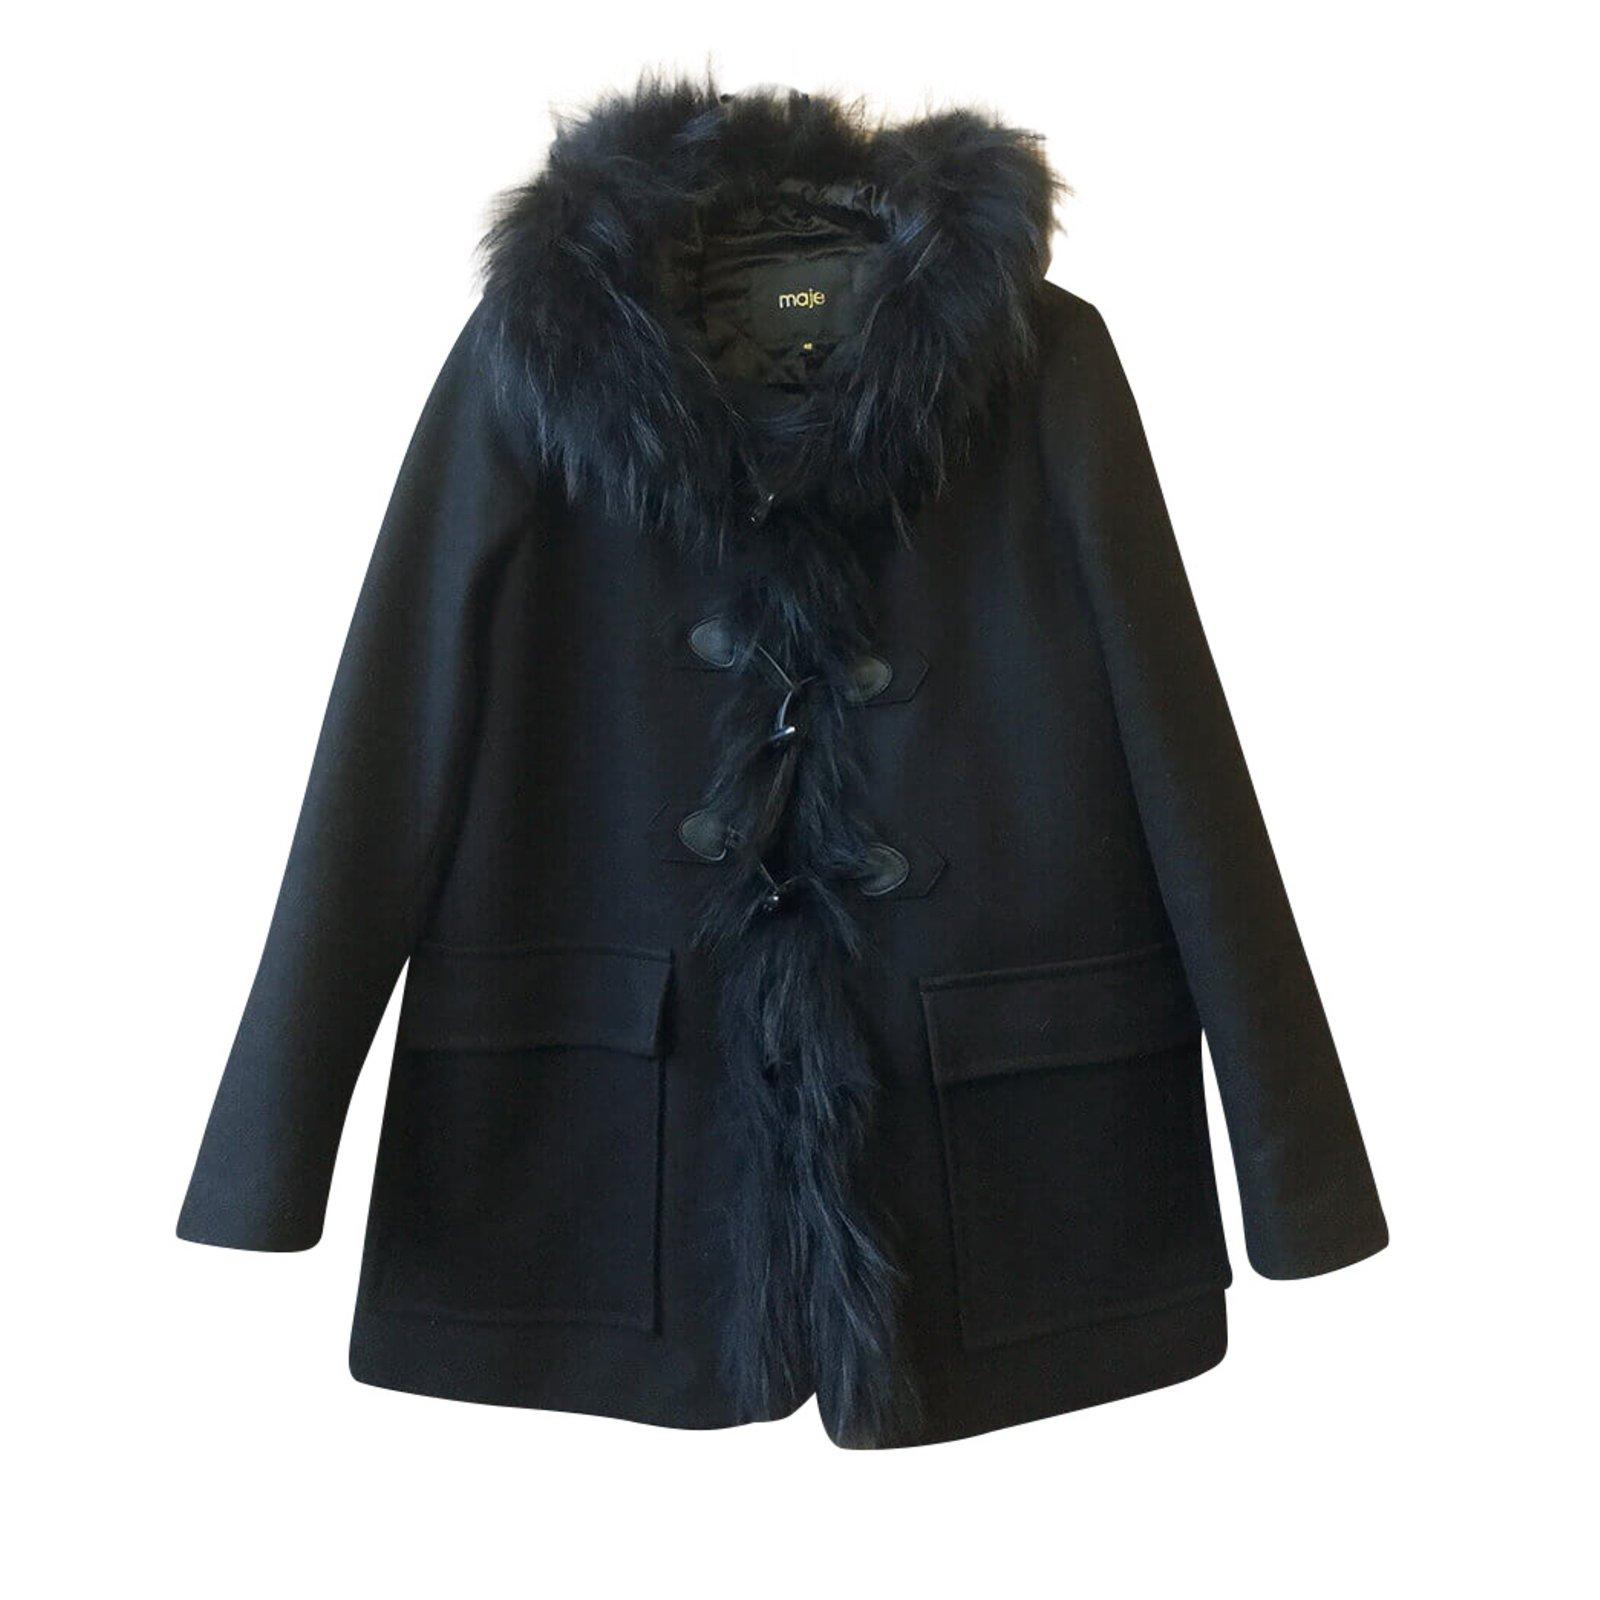 Manteaux Maje Manteau avec capuche Cachemire,Laine,Raton